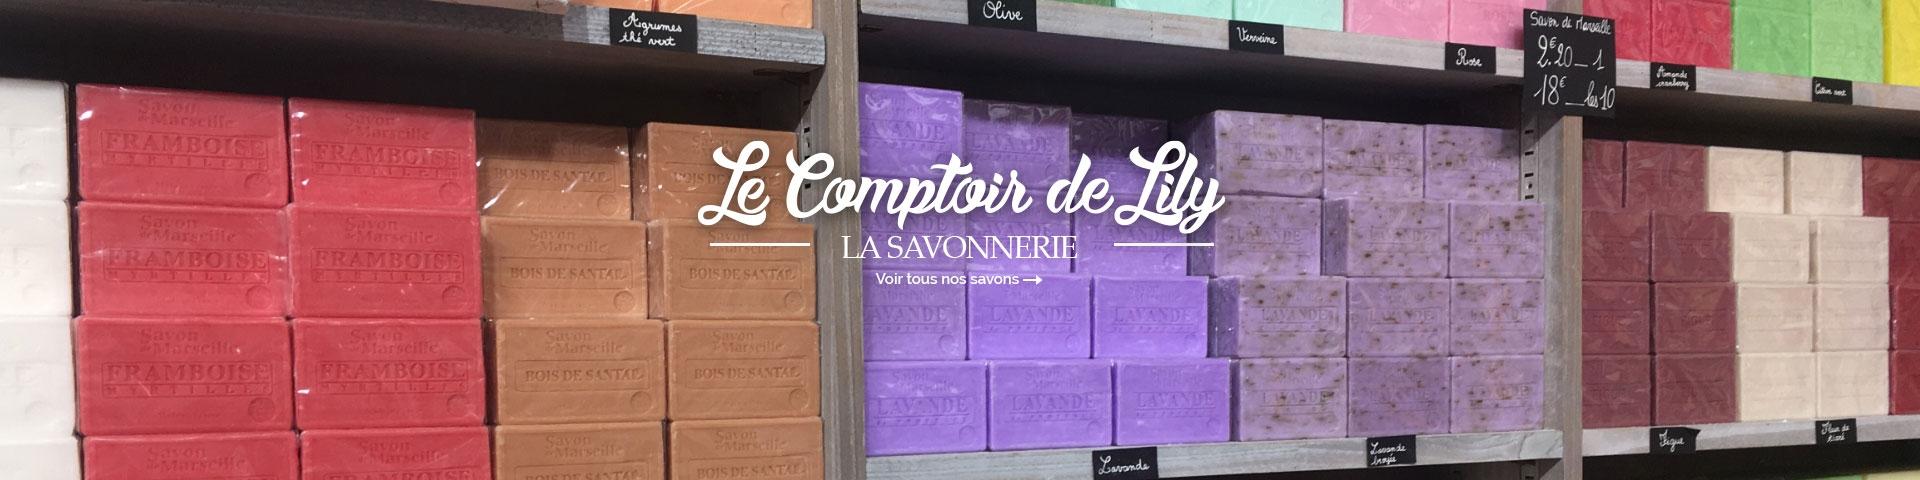 Tous les savons de la savonnerie Comptoir de Lily